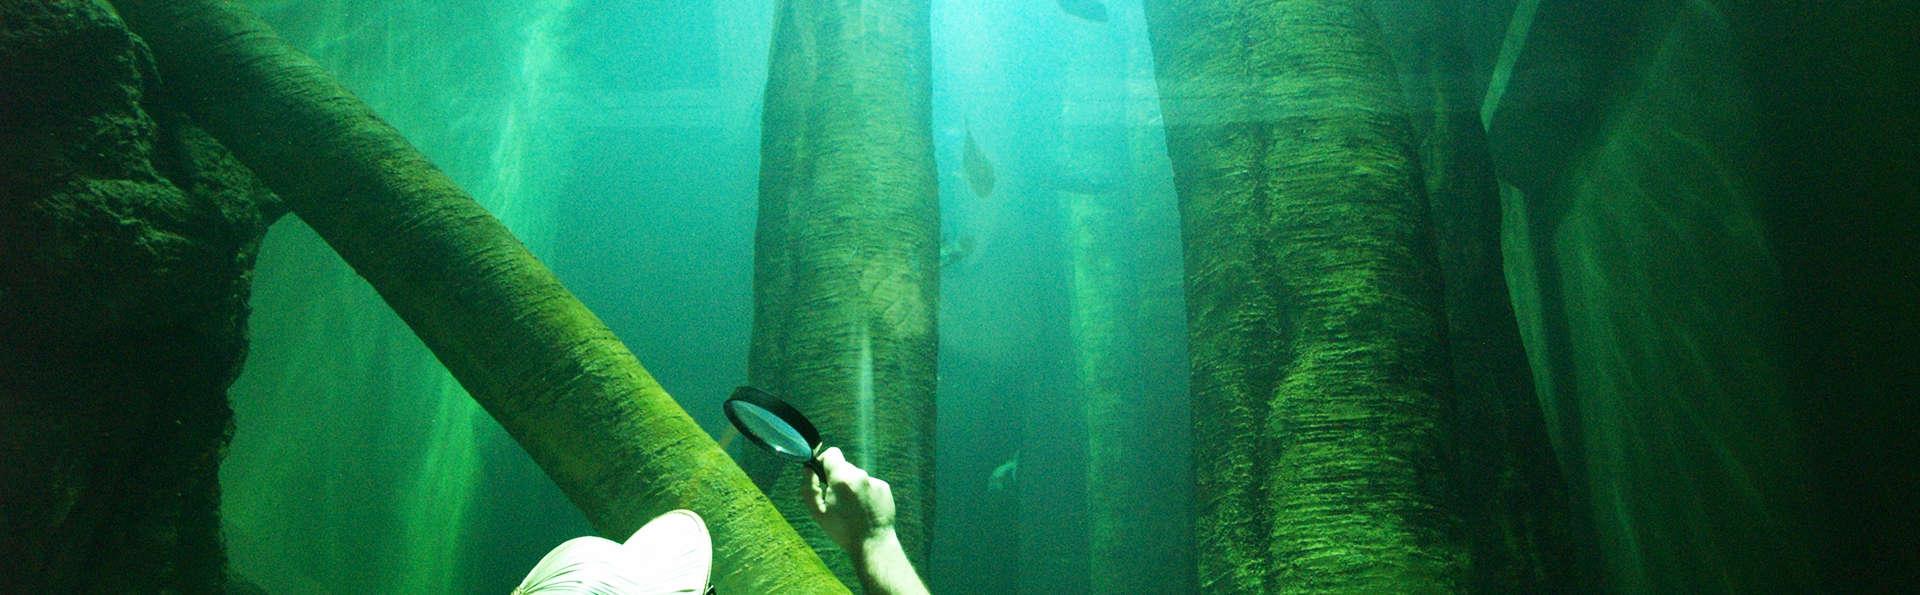 Découvrez les trésors de Saragosse et son aquarium